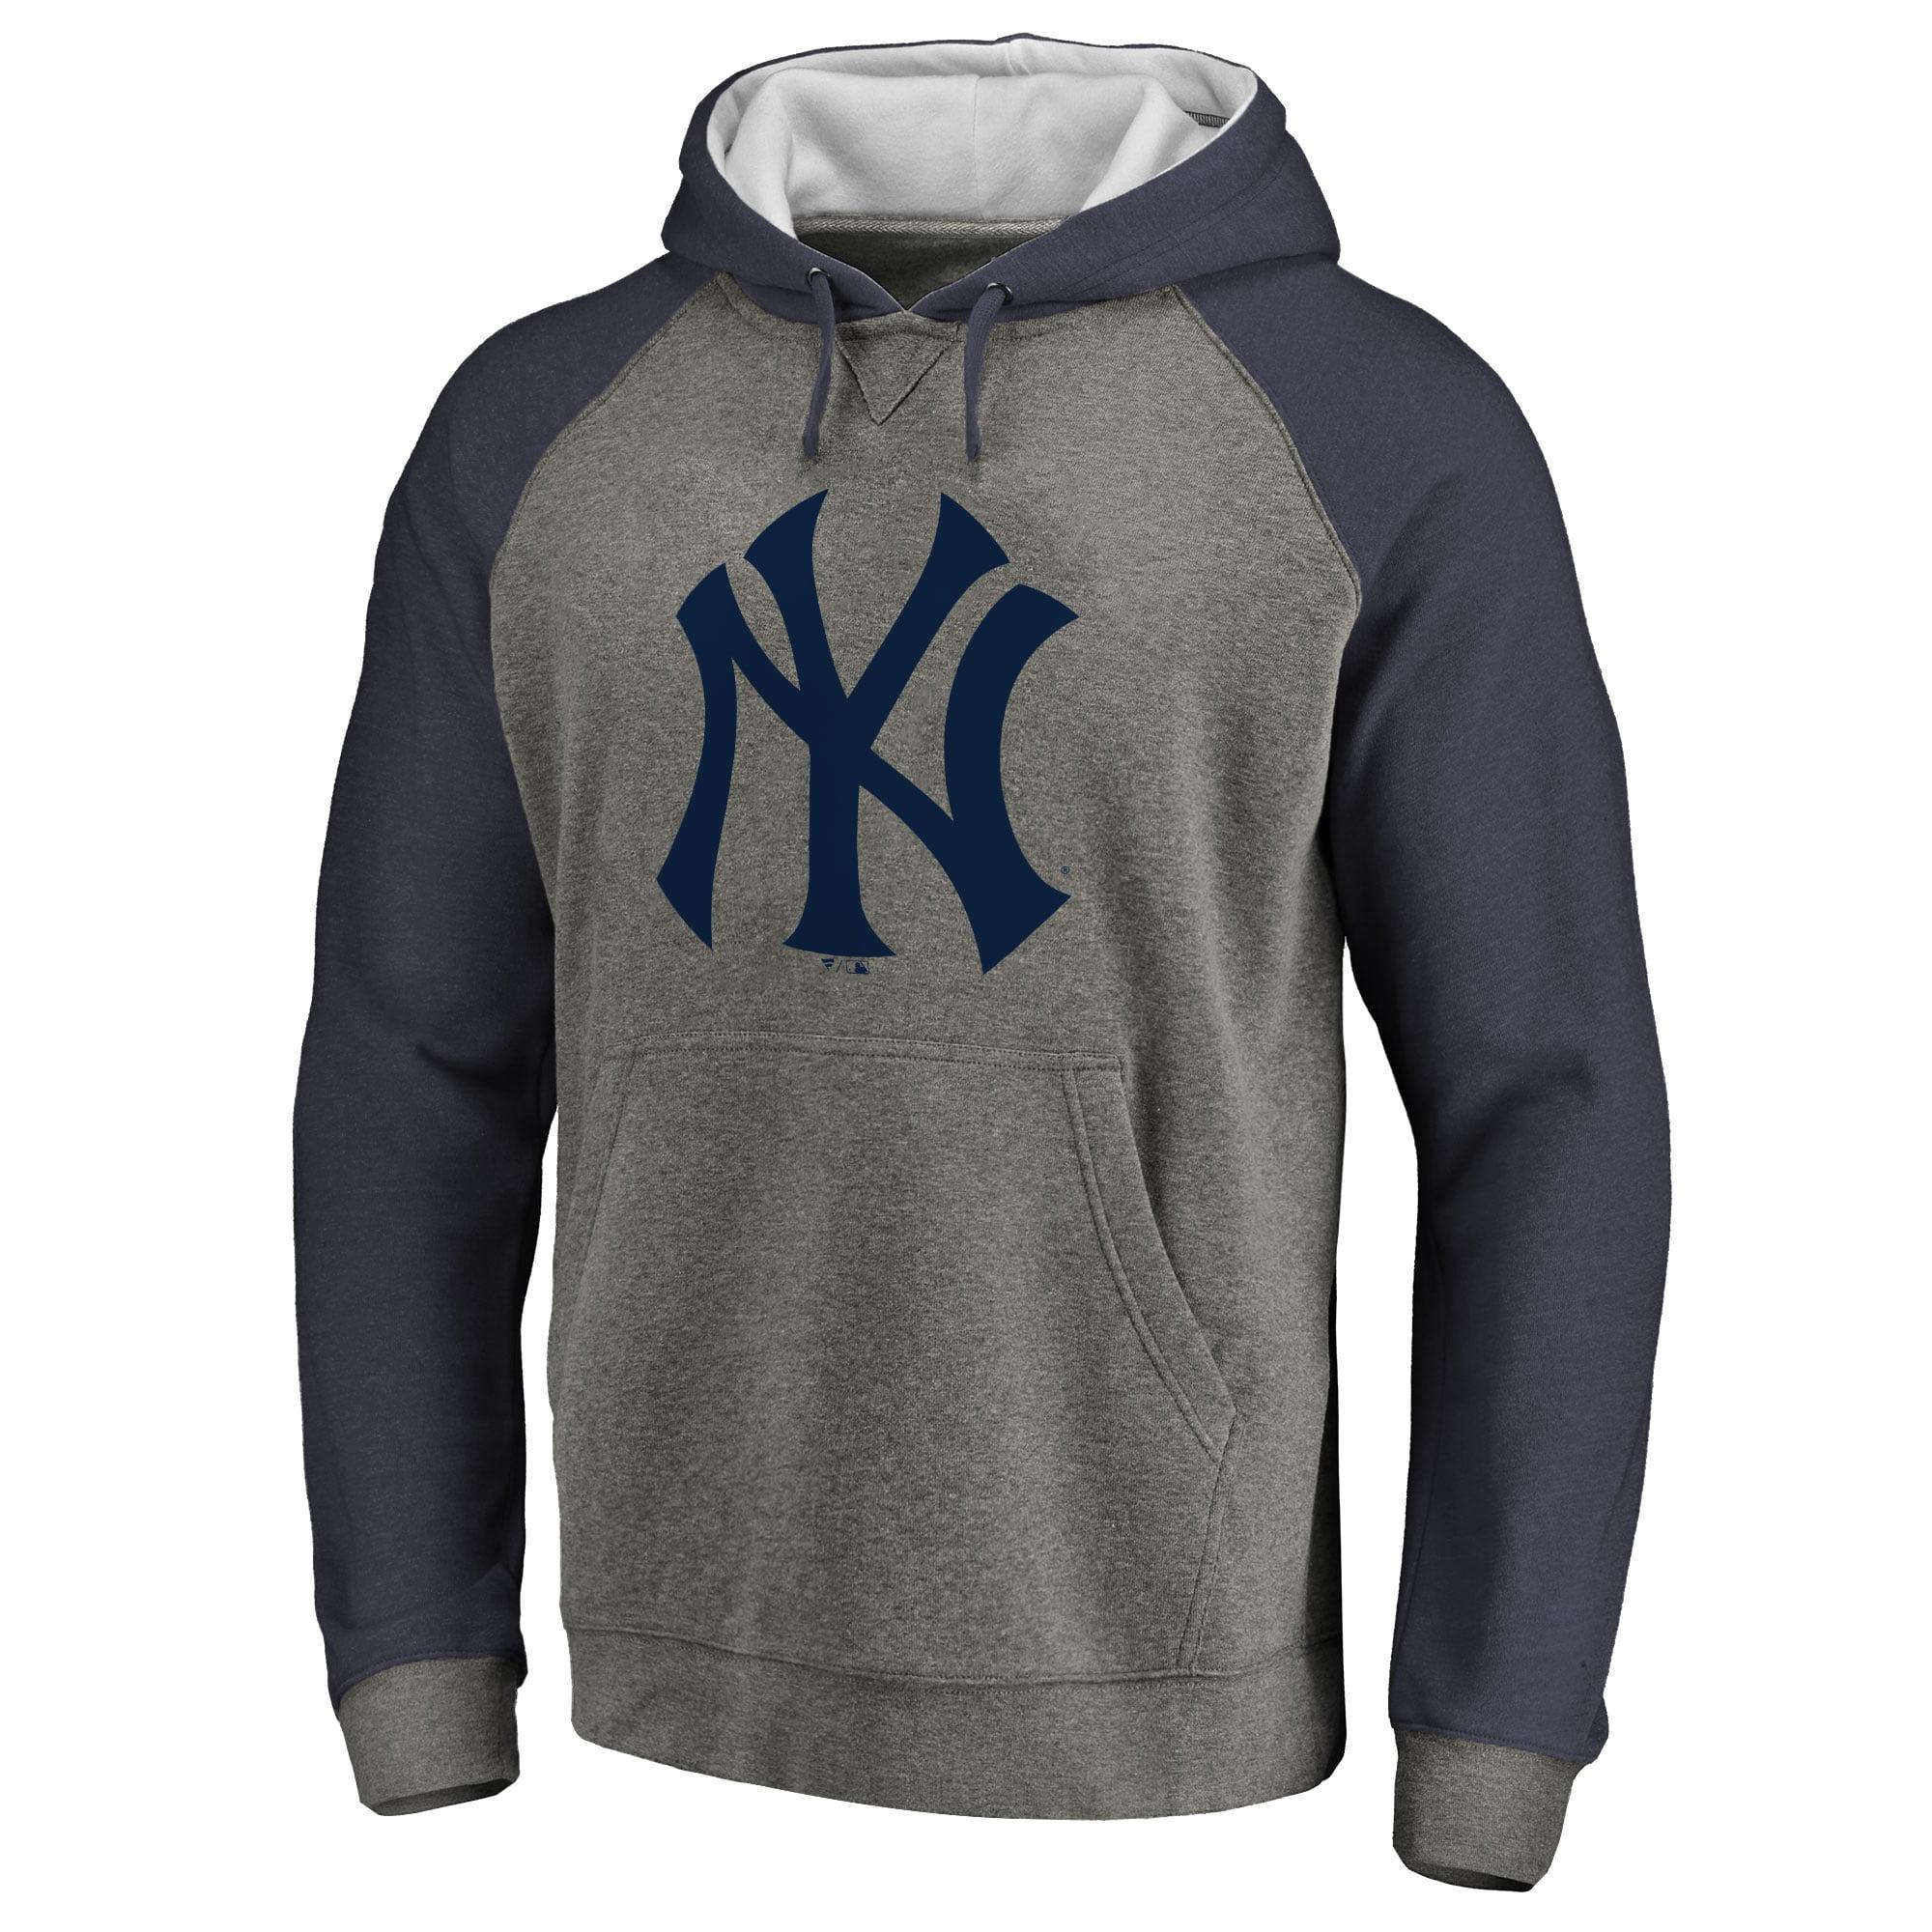 New York Yankees Primary Logo Raglan Sleeve Tri-Blend Pullover Hoodie - Ash